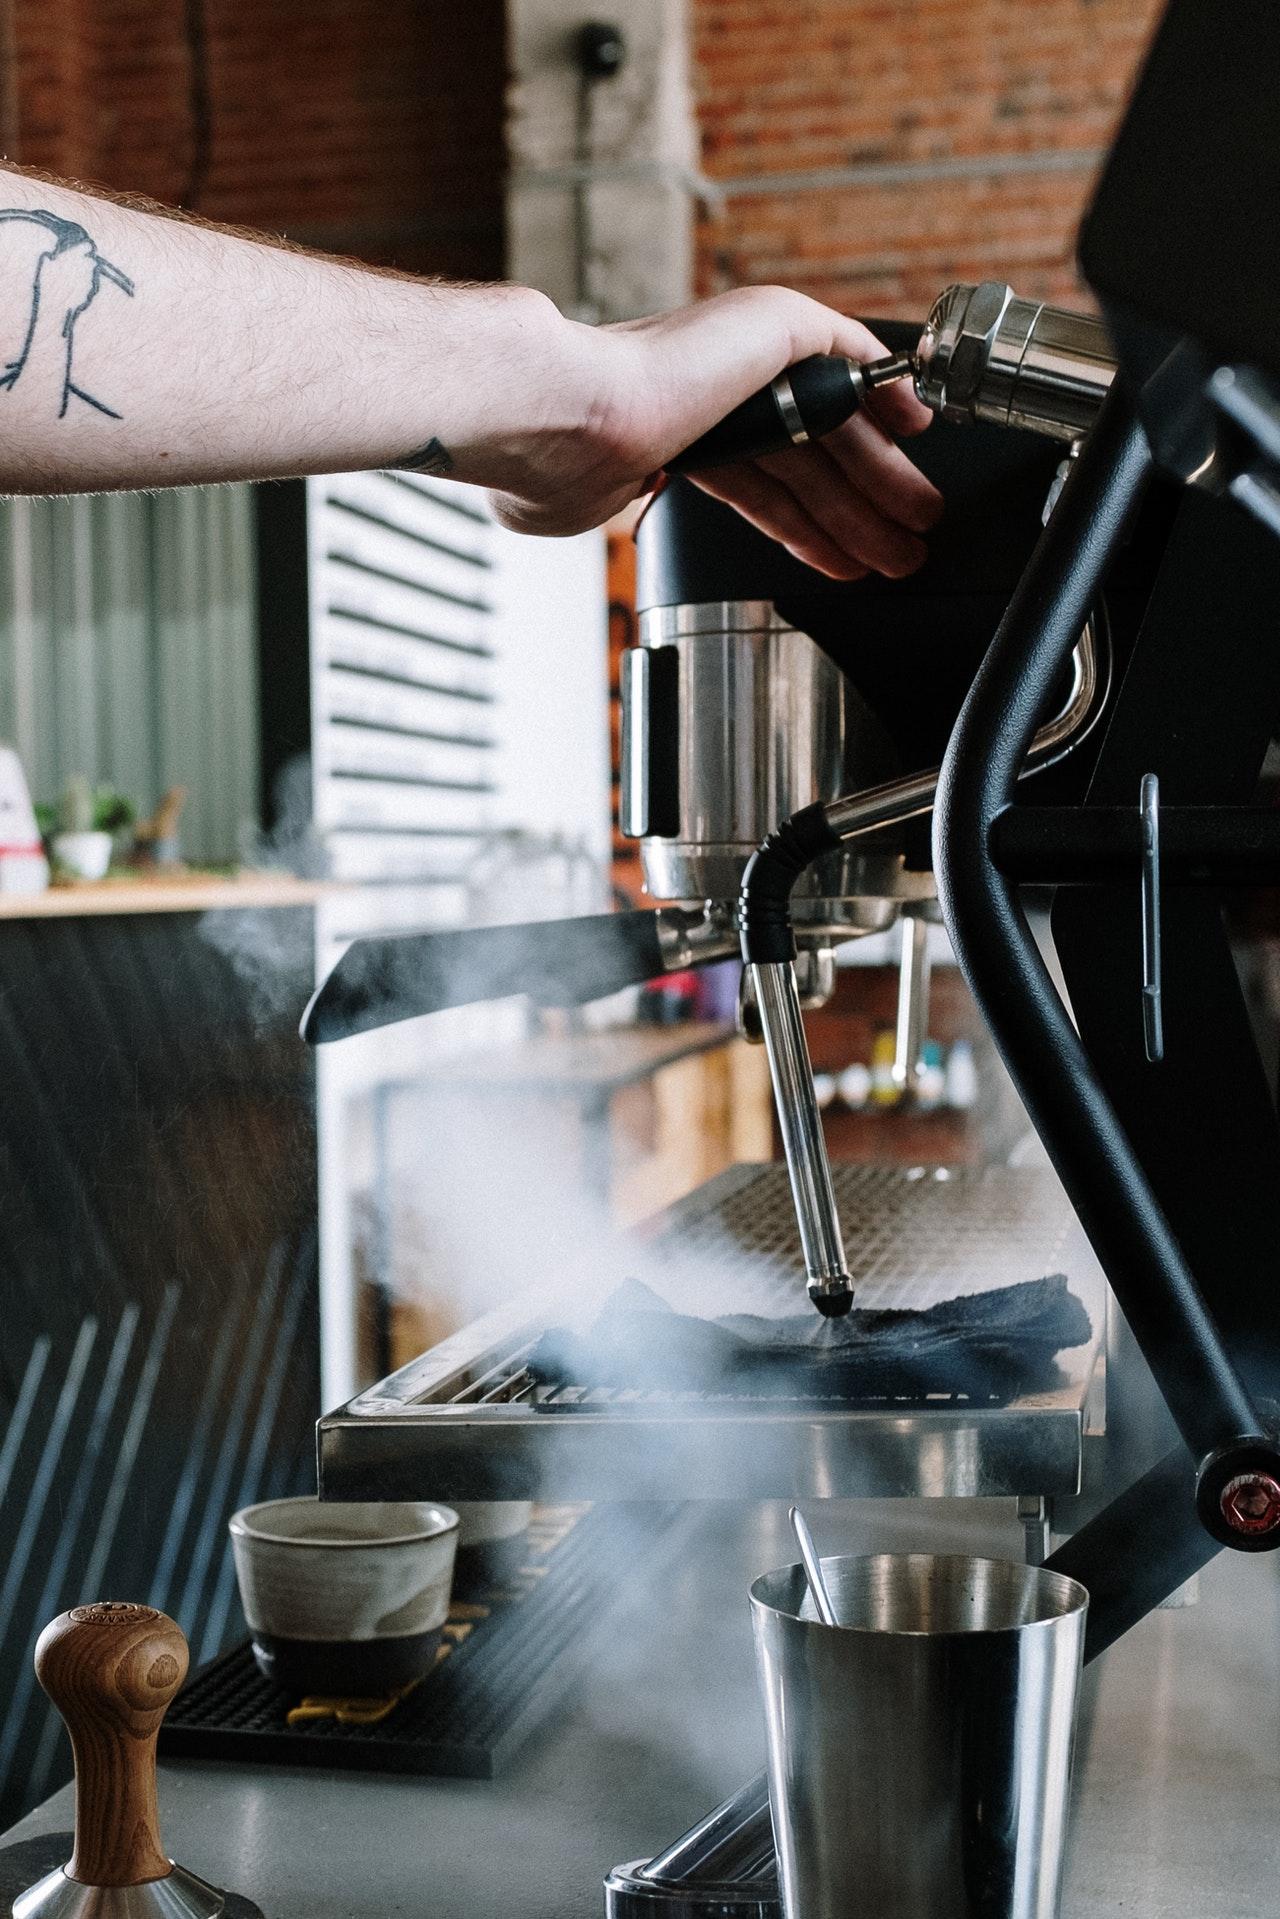 Gastroback Espressomaschinen gehören zwar zu den etwas hochpreisigeren Espressomaschinen, doch es ist eine Investition fürs Leben.